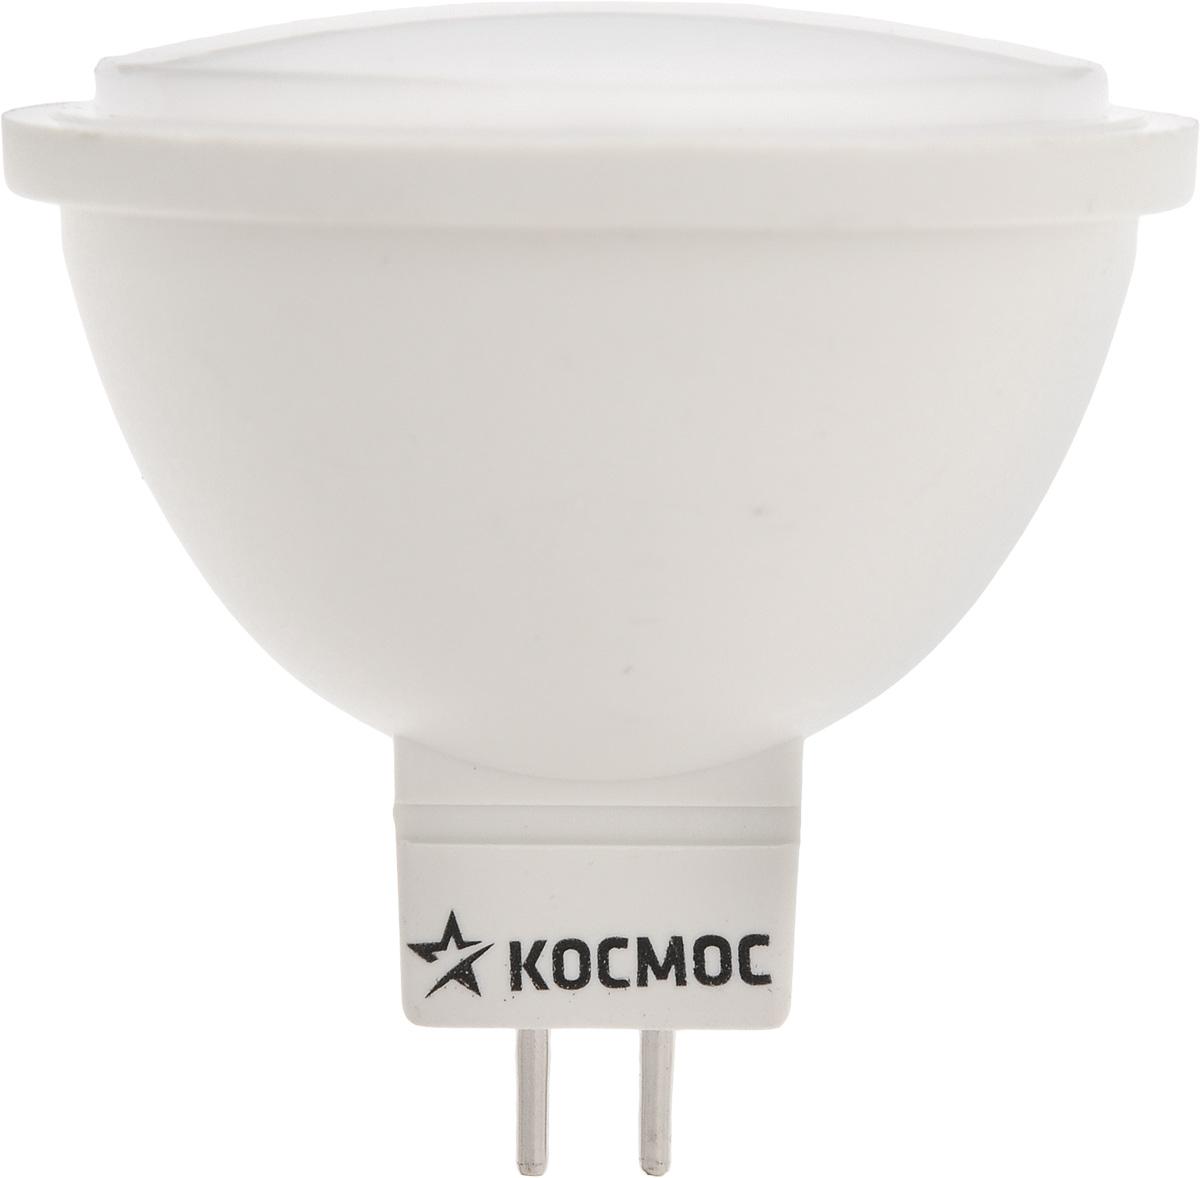 Светодиодная лампа Kosmos, теплый свет, цоколь GU5.3, 7W, 220VLksm_LED7wJCDRC30Декоративная лампа 7 Вт серии Космос LED является аналогом ламп накаливания 70 Вт. Использование архитектуры высокомощных LED-ламп в формфакторах малых моделей позволяет добиться лучших показателей светового потока (540 Лм) среди большинства рыночных аналогов. Декоративные лампы специально разработаны с учетом требований российских и европейских законов и подходят ко всем осветительным устройствам совместимым со стандартным цоколем GU5.3. Теплый белый оттенок света лампы отлично украсит вашу кухню или гостиную. В основе лампы используются светодиоды от мирового лидера Epistar. Срок службы светодиодной лампы до 30 000 часов. Гарантия 1 год. Номинальное напряжение: 220-240 В. Уважаемые клиенты! Обращаем ваше внимание на возможные изменения в дизайне упаковки. Качественные характеристики товара остаются неизменными. Поставка осуществляется в зависимости от наличия на складе.